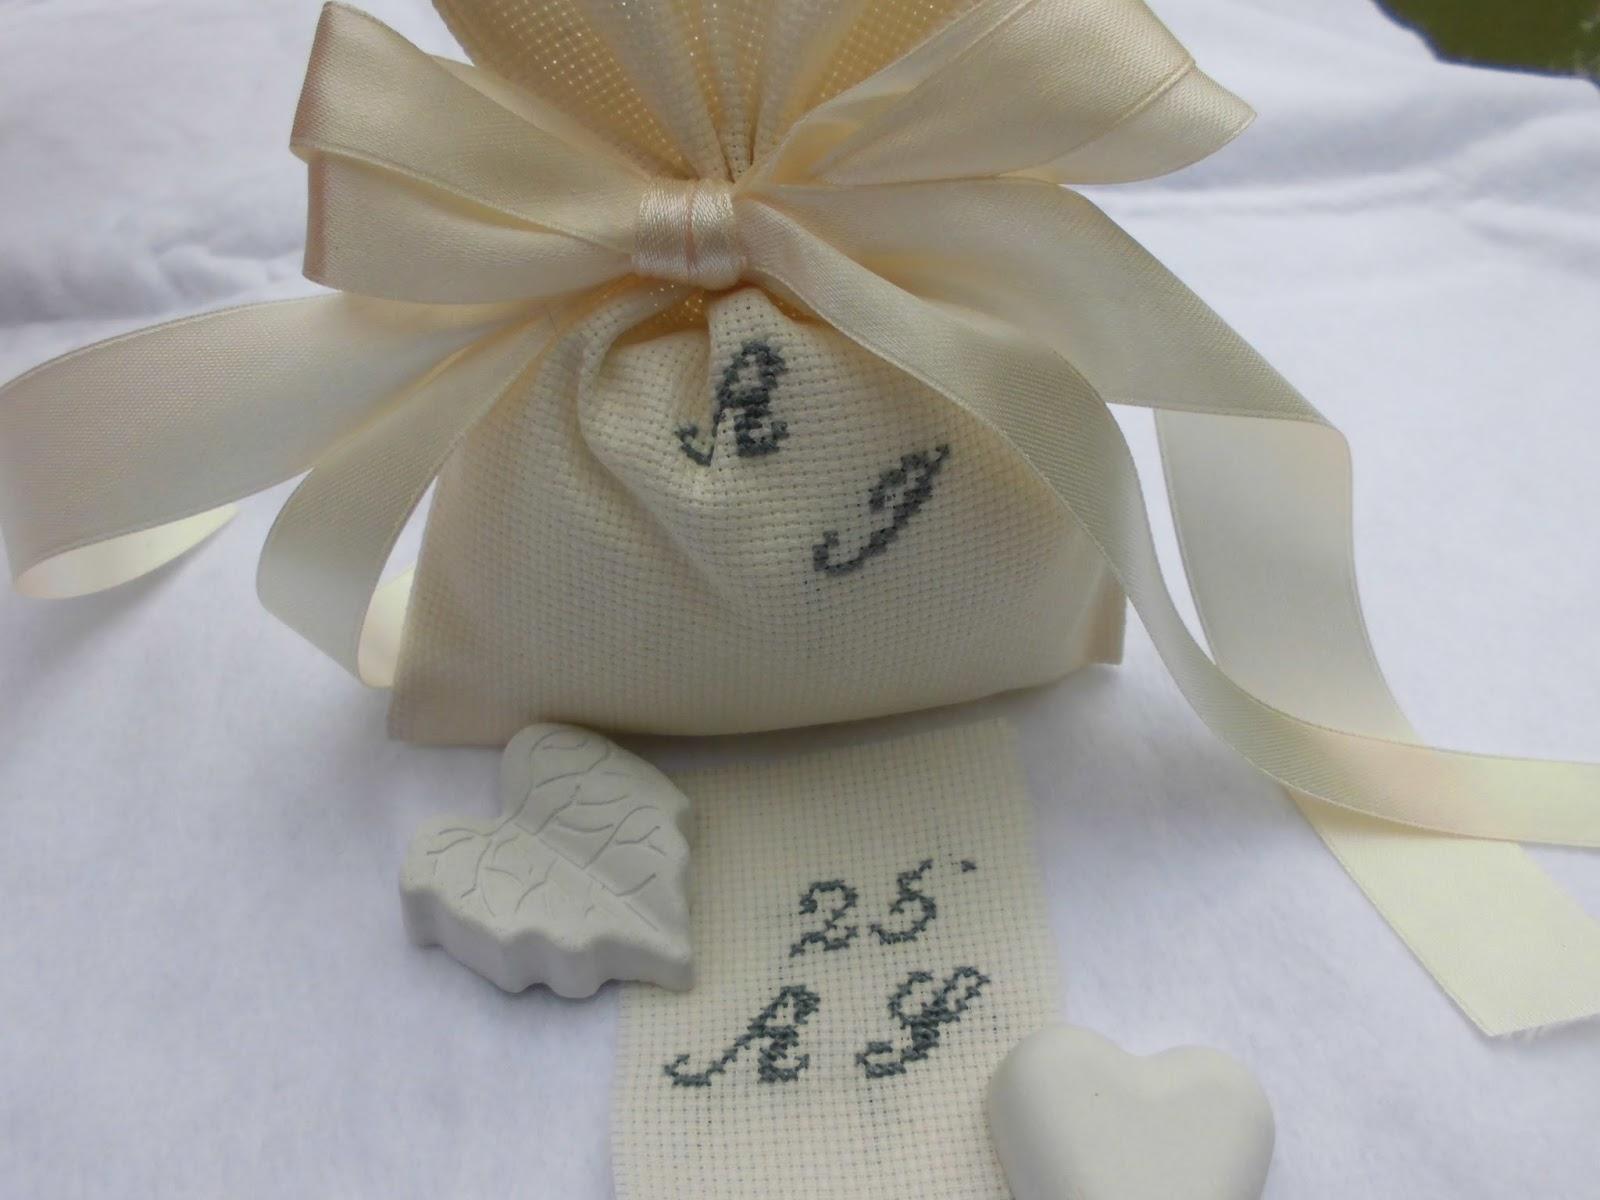 Ben noto bomboniere ricamate di sara: bomboniera 25 anni di matrimonio QB44